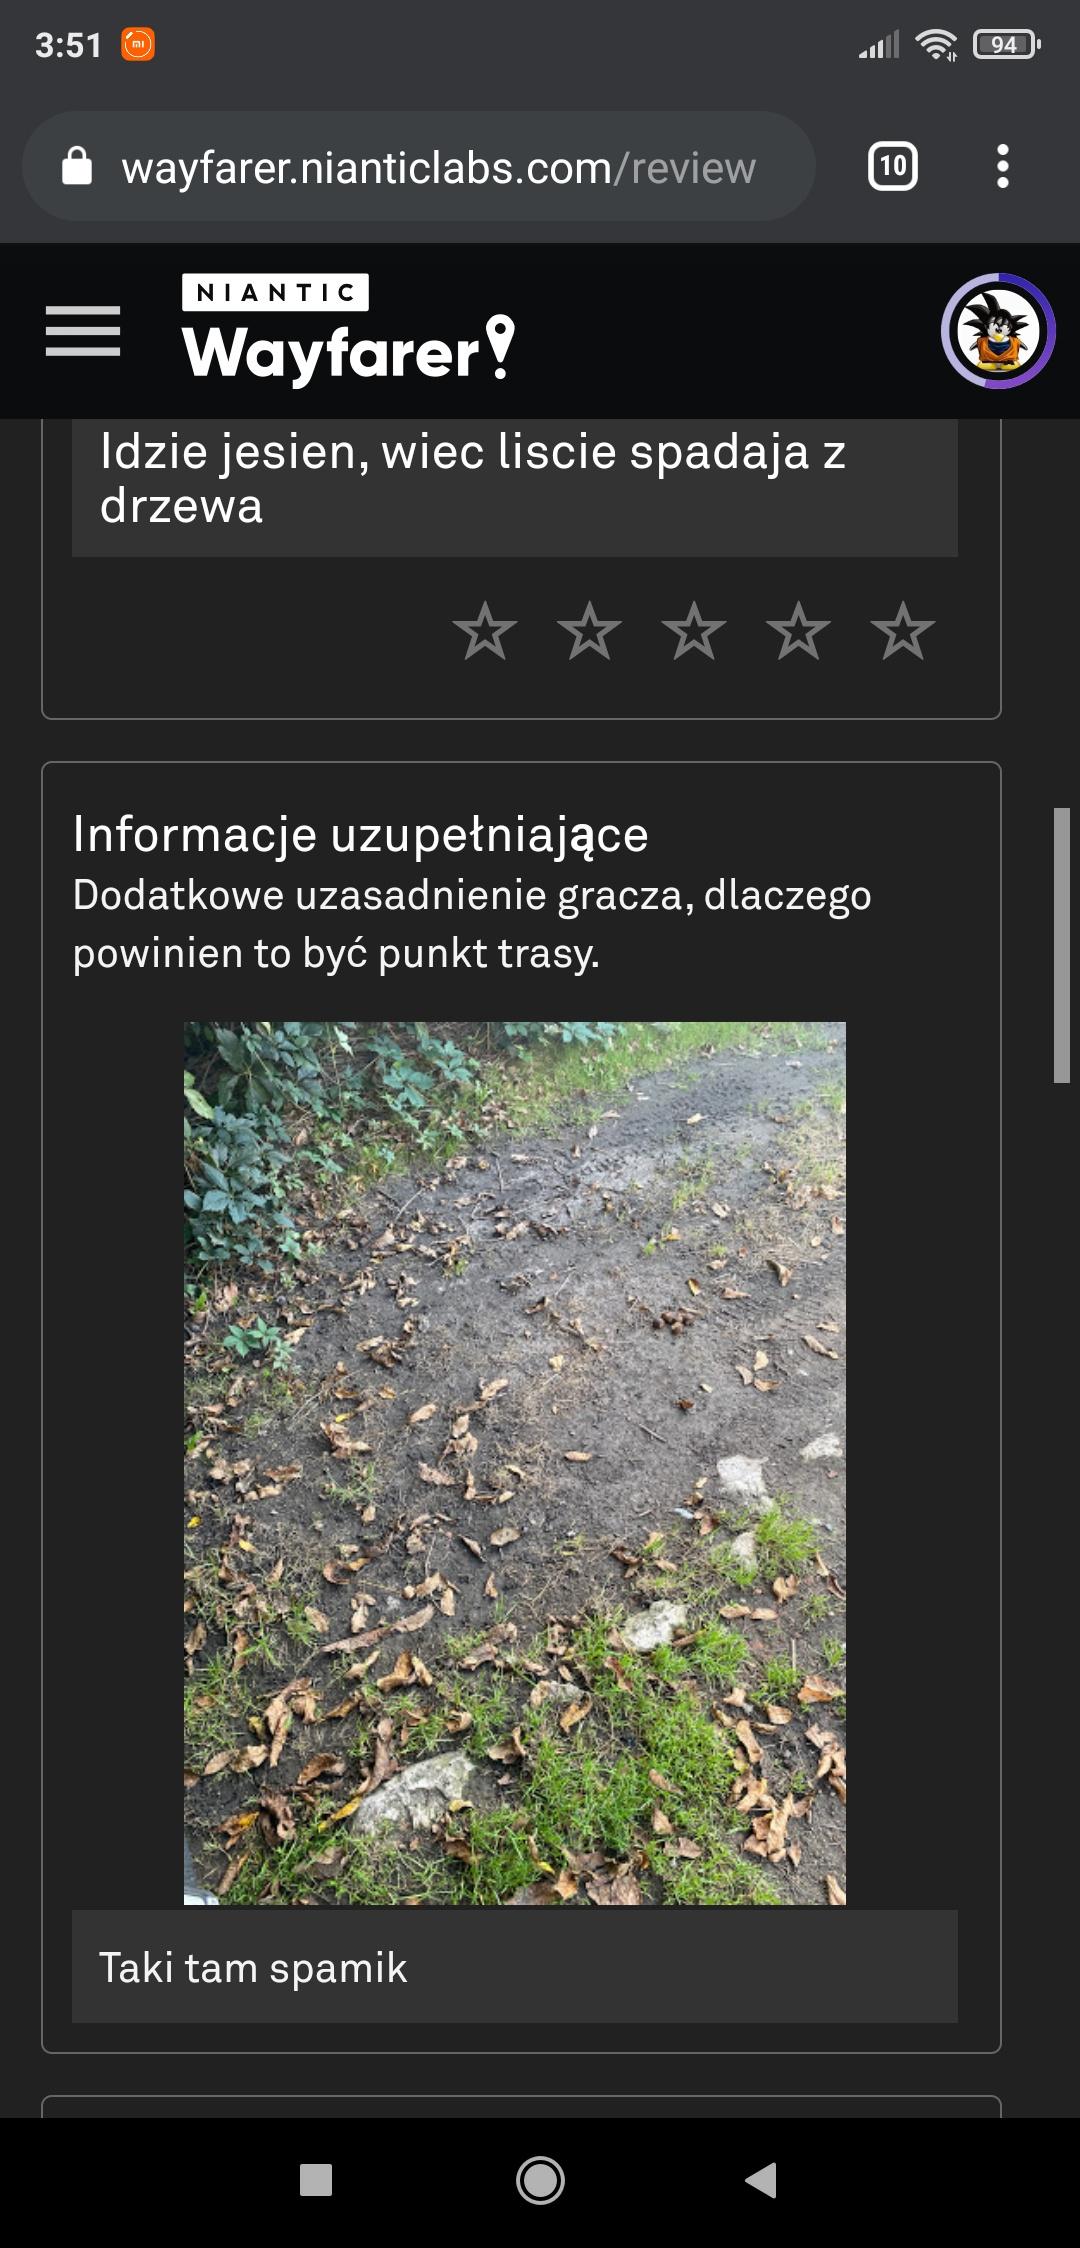 Screenshot_2020-11-23-03-51-04-849_com.android.chrome.jpg